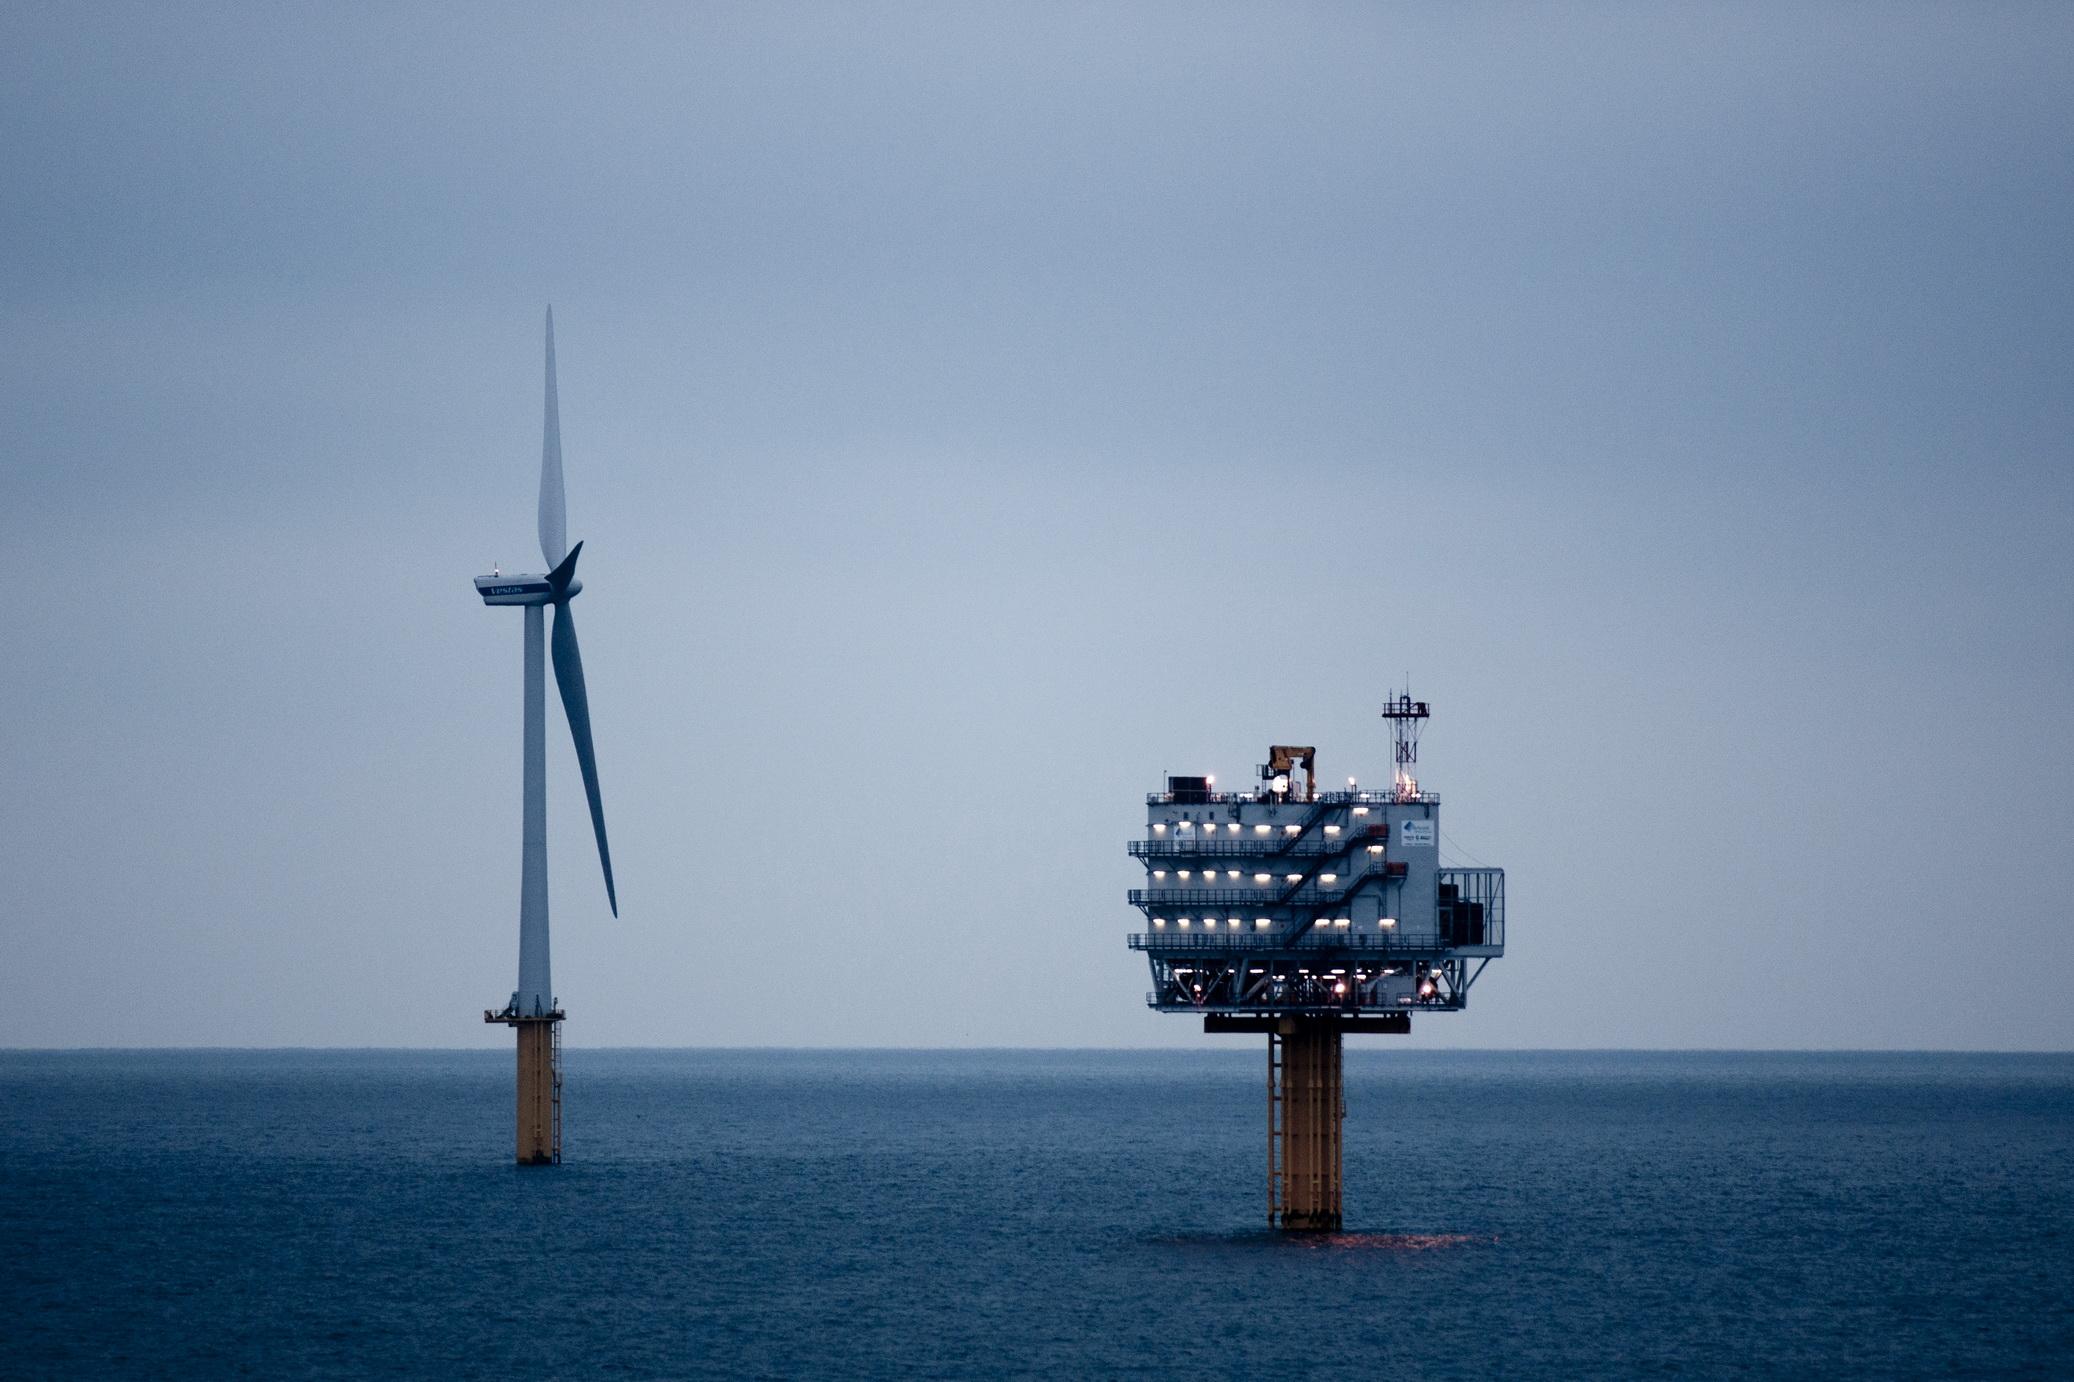 OHVS Belwind wind farm